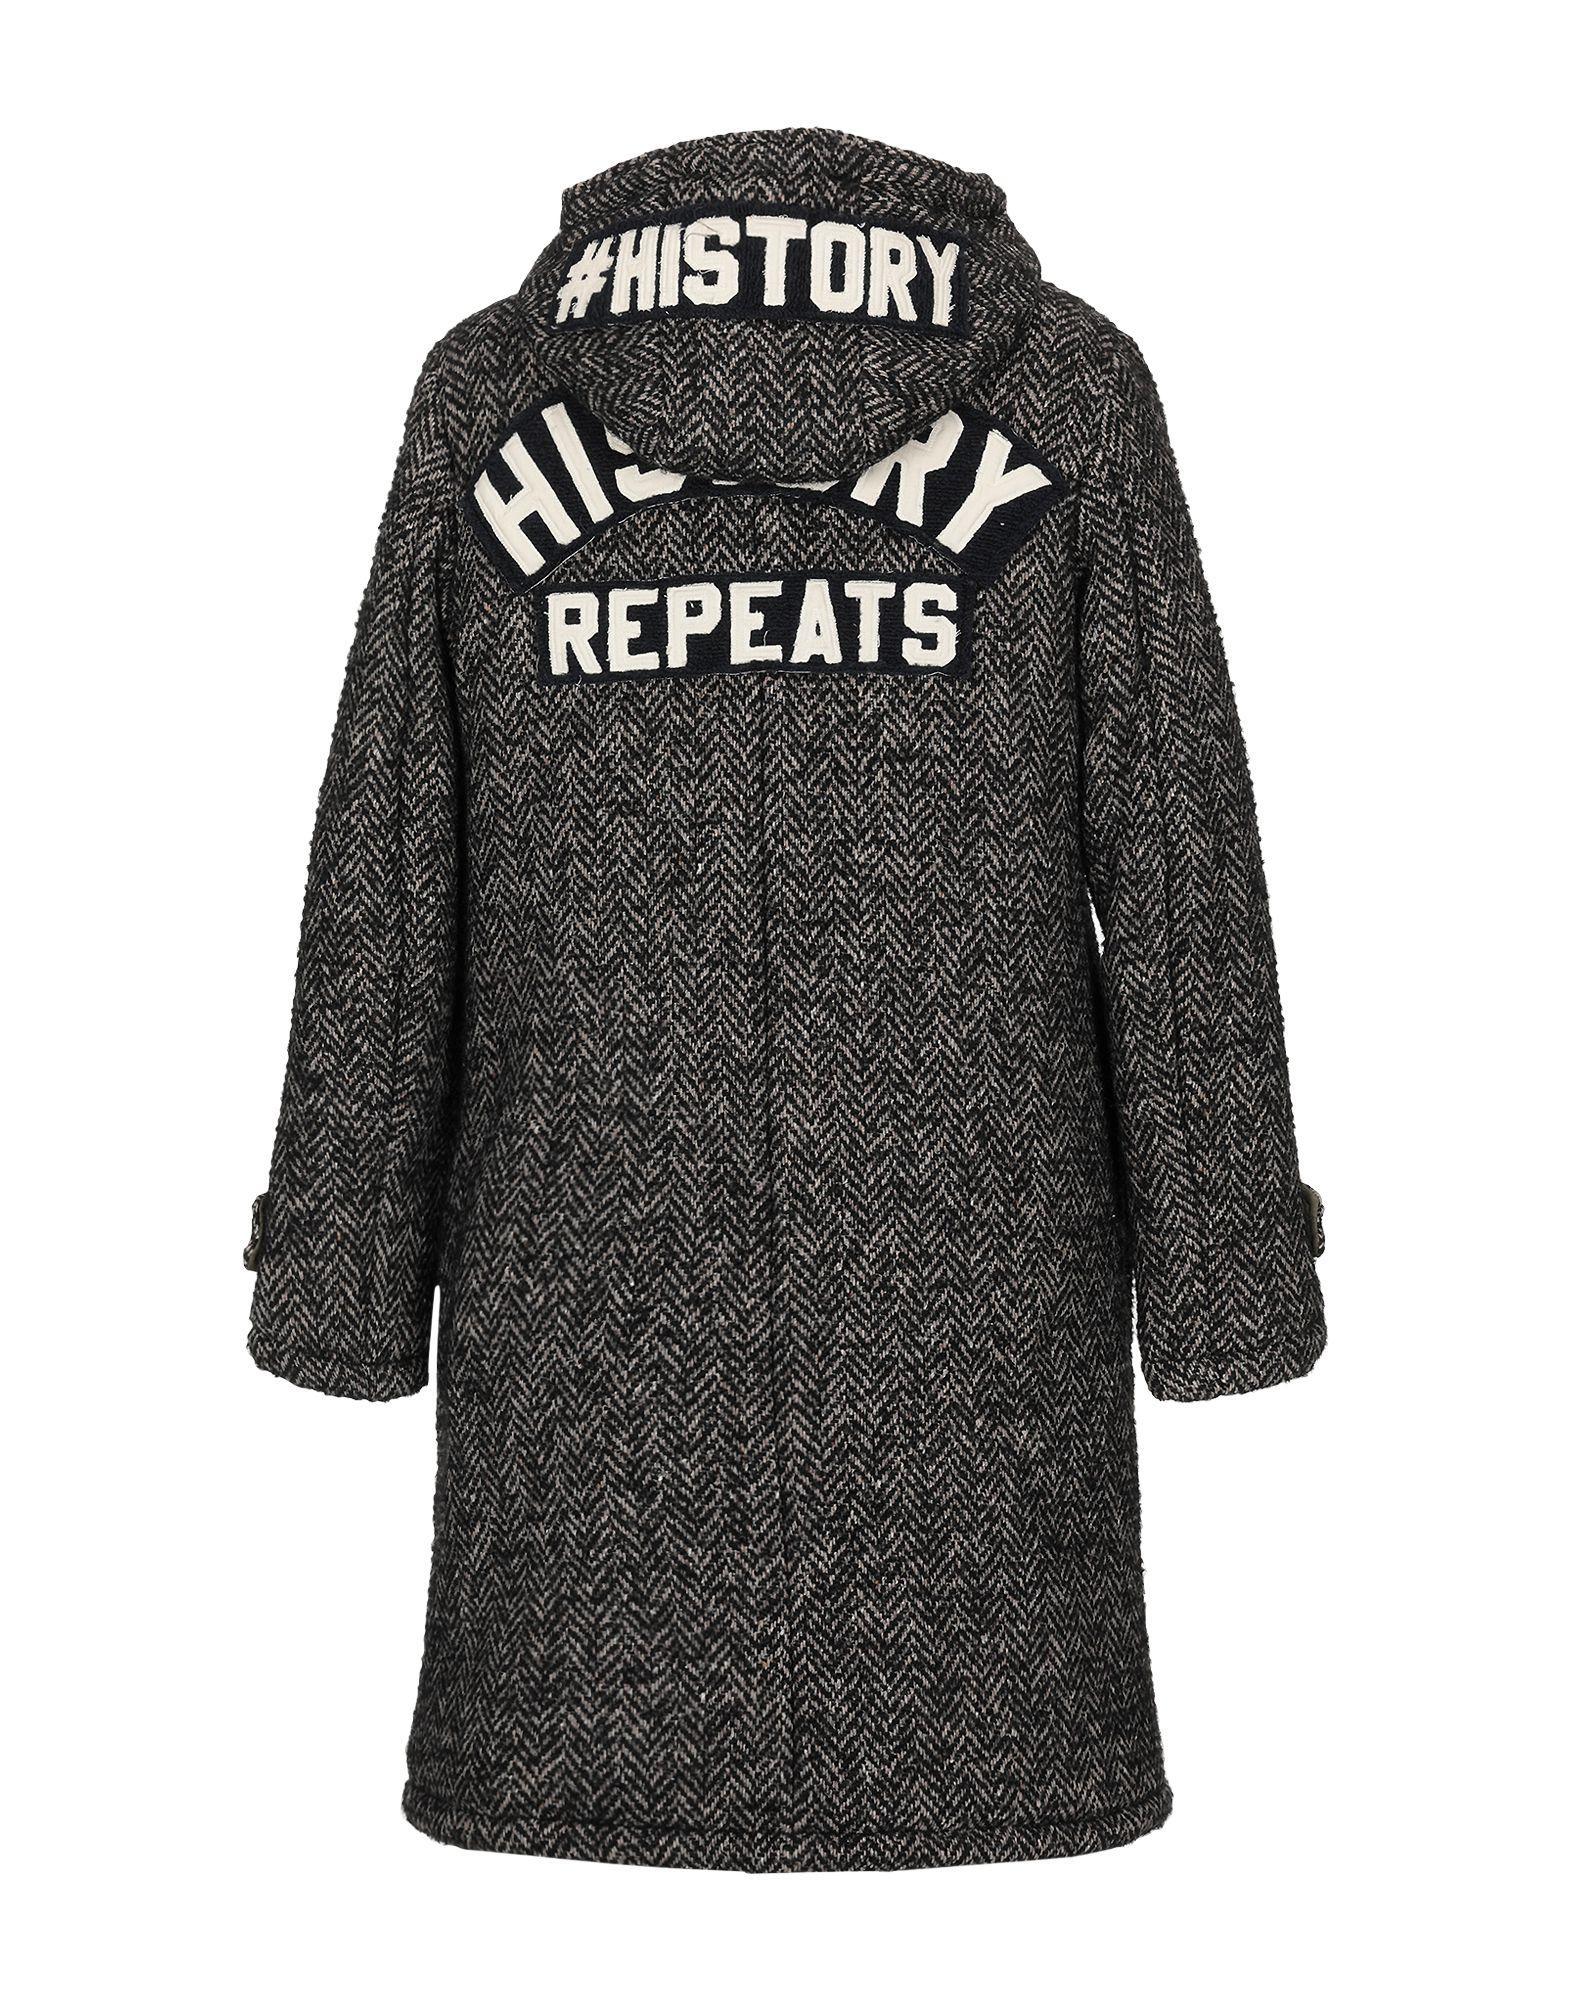 Lyst - History Repeats Coat in Black 19a2992d8